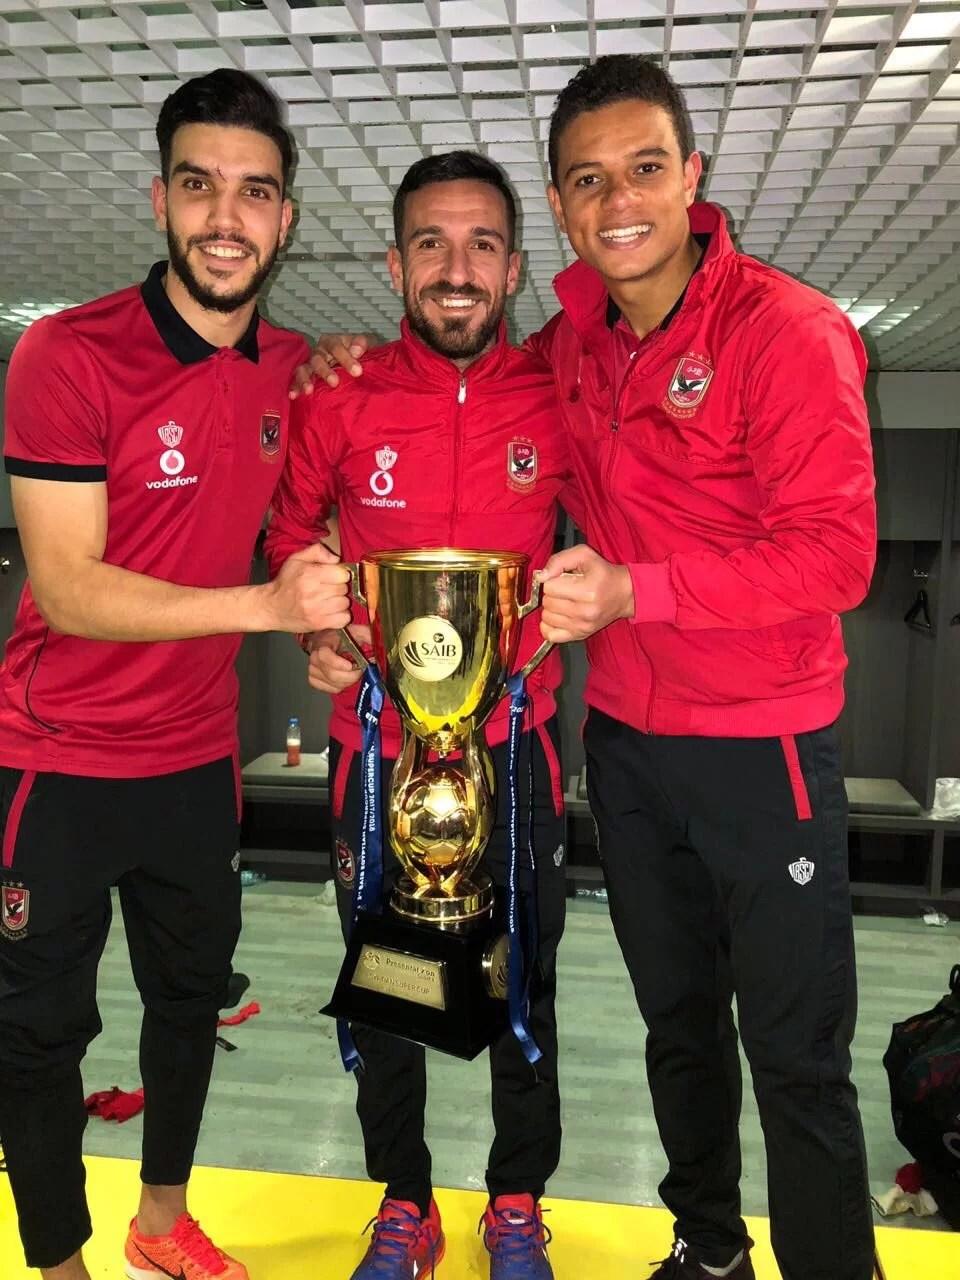 صور فرحة لاعبي النادي الأهلي بعد الفوز على البورسعيدي في السوبر